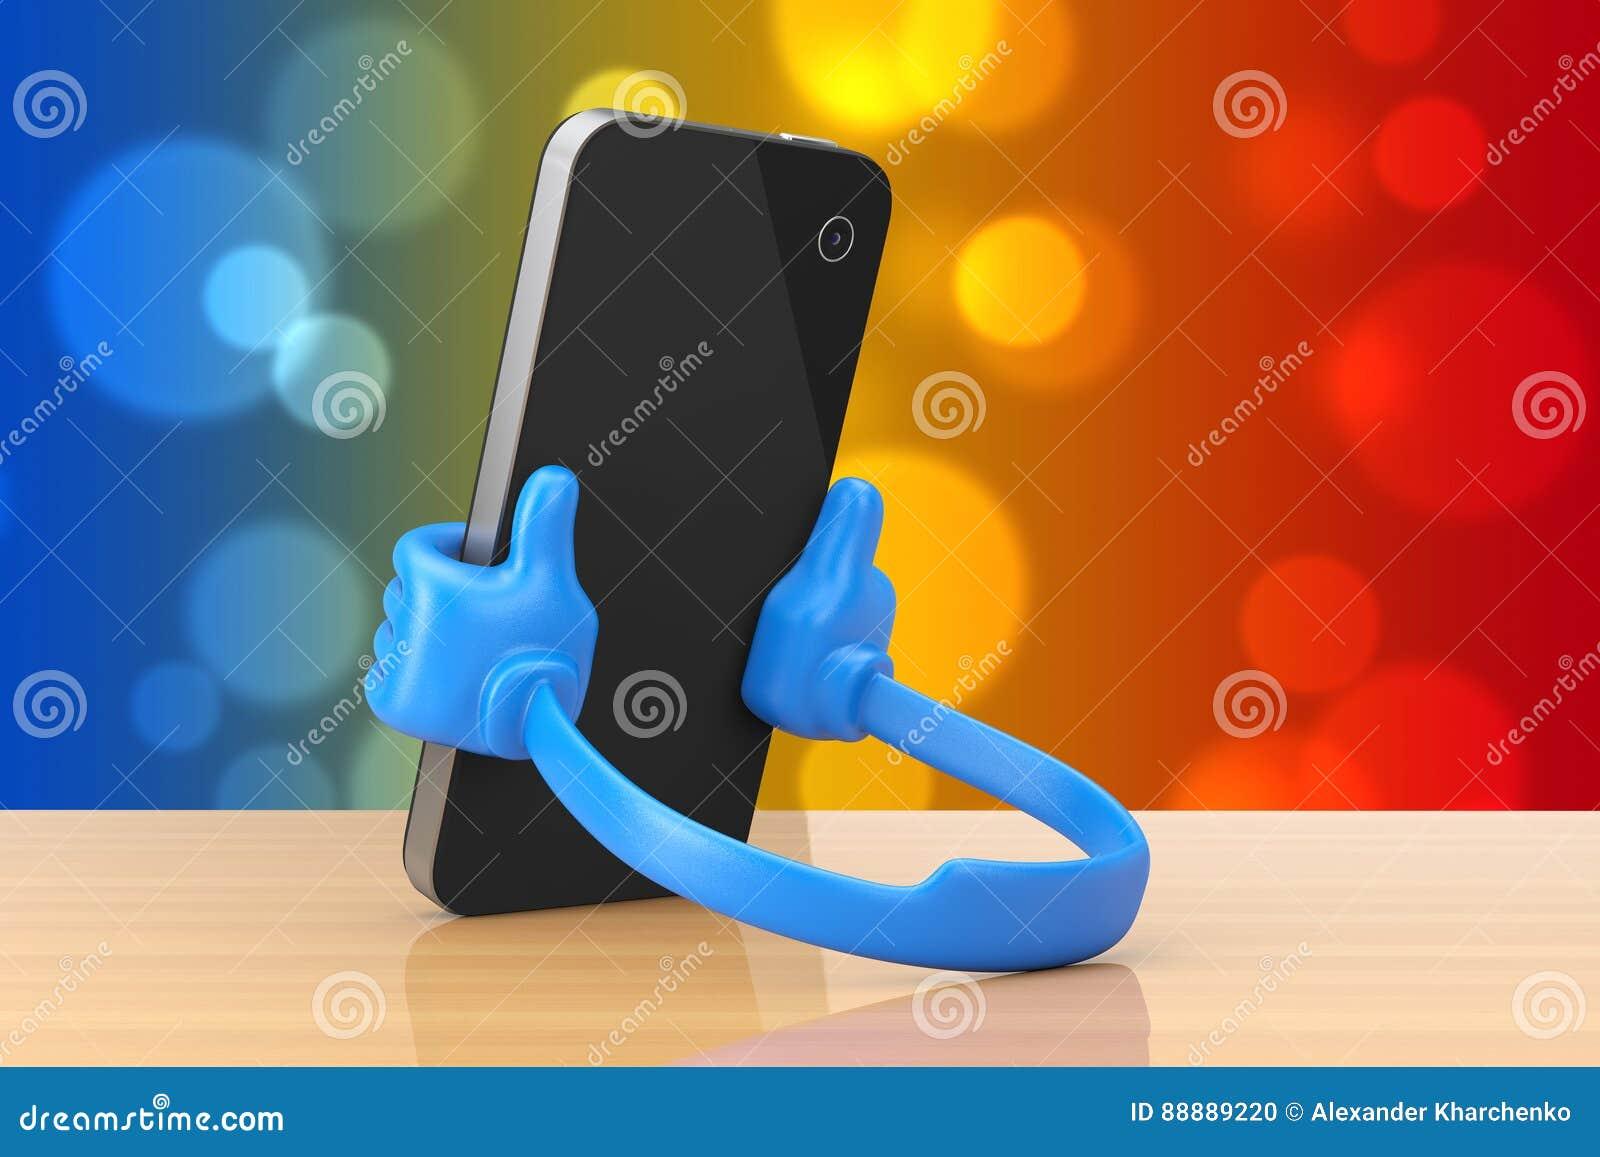 作为手的塑料手机持有人拿着智能手机 3D renderi